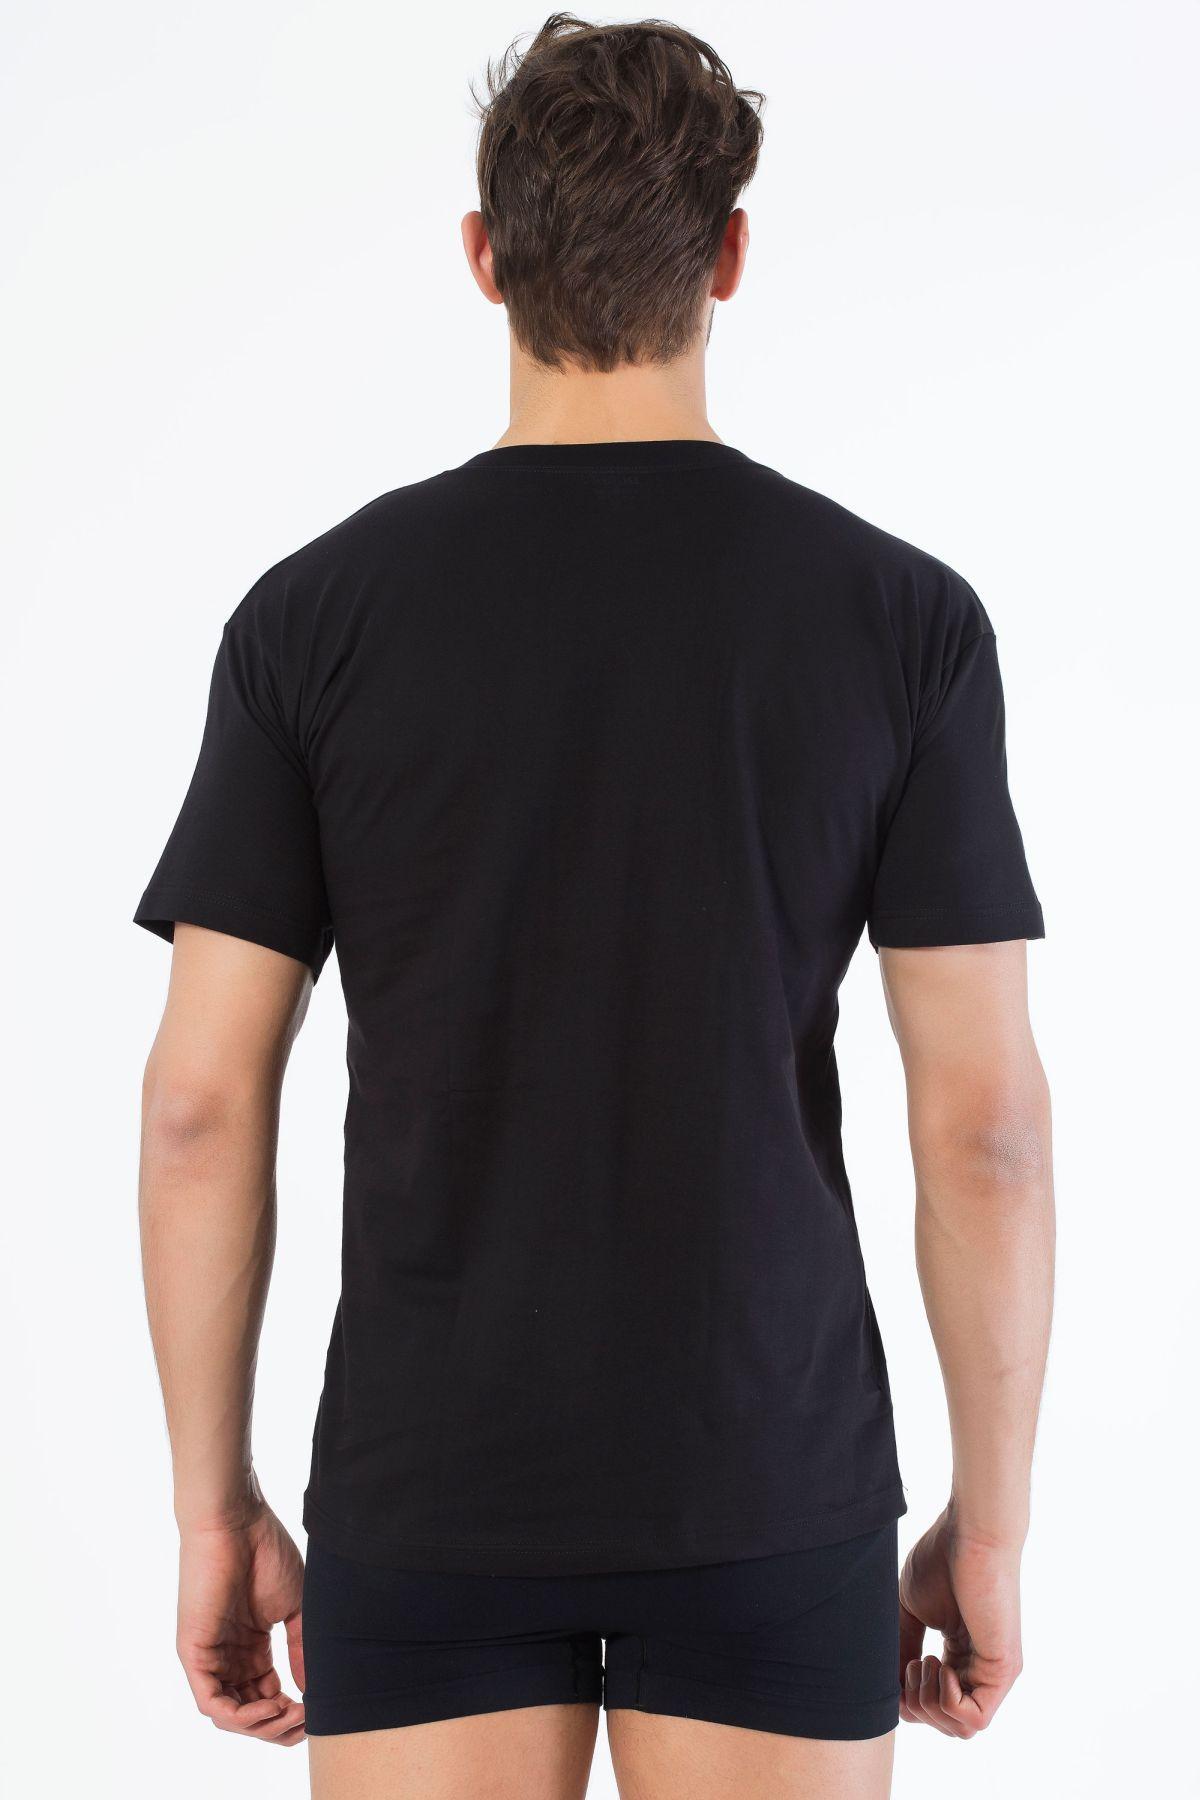 Siyah Pamuklu Yuvarlak Yaka Kısa Kol T-Shirt